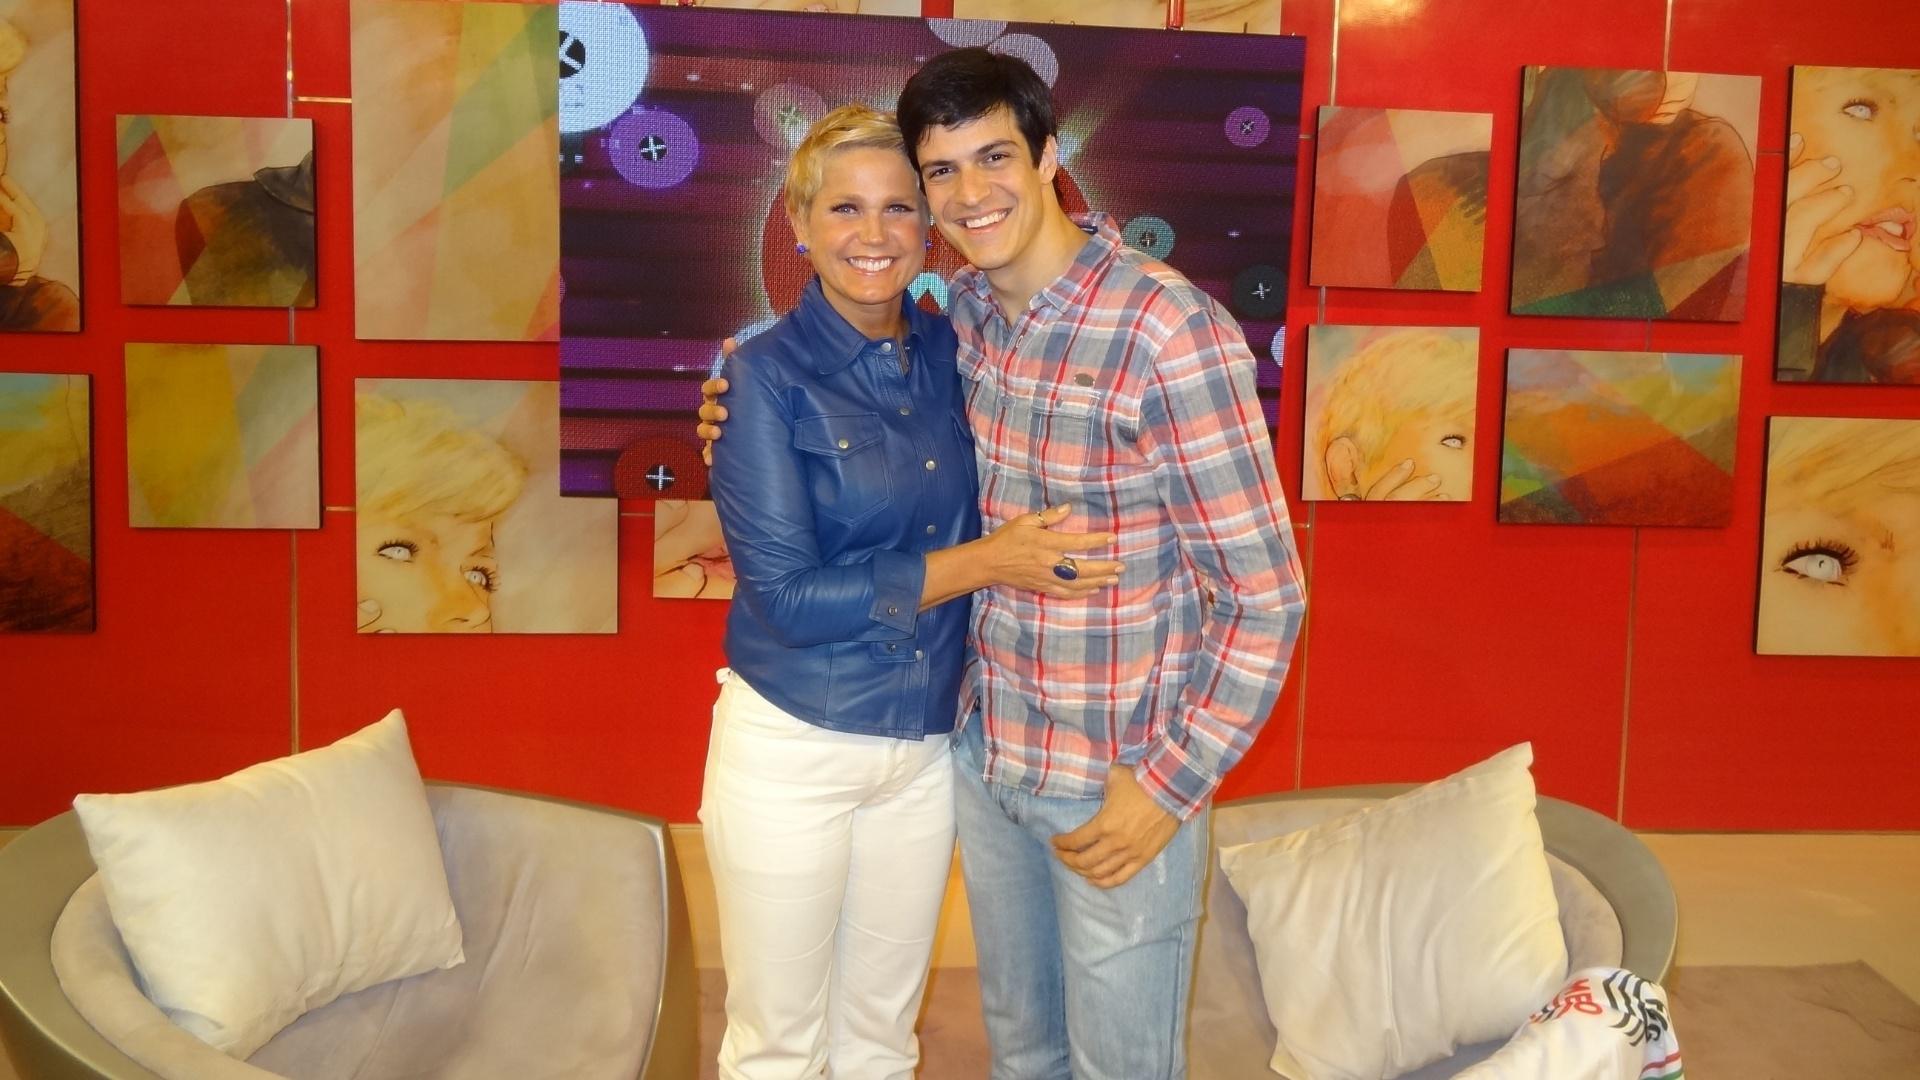 22.set.2013 - Mateus Solano participa do programa da Xuxa, o